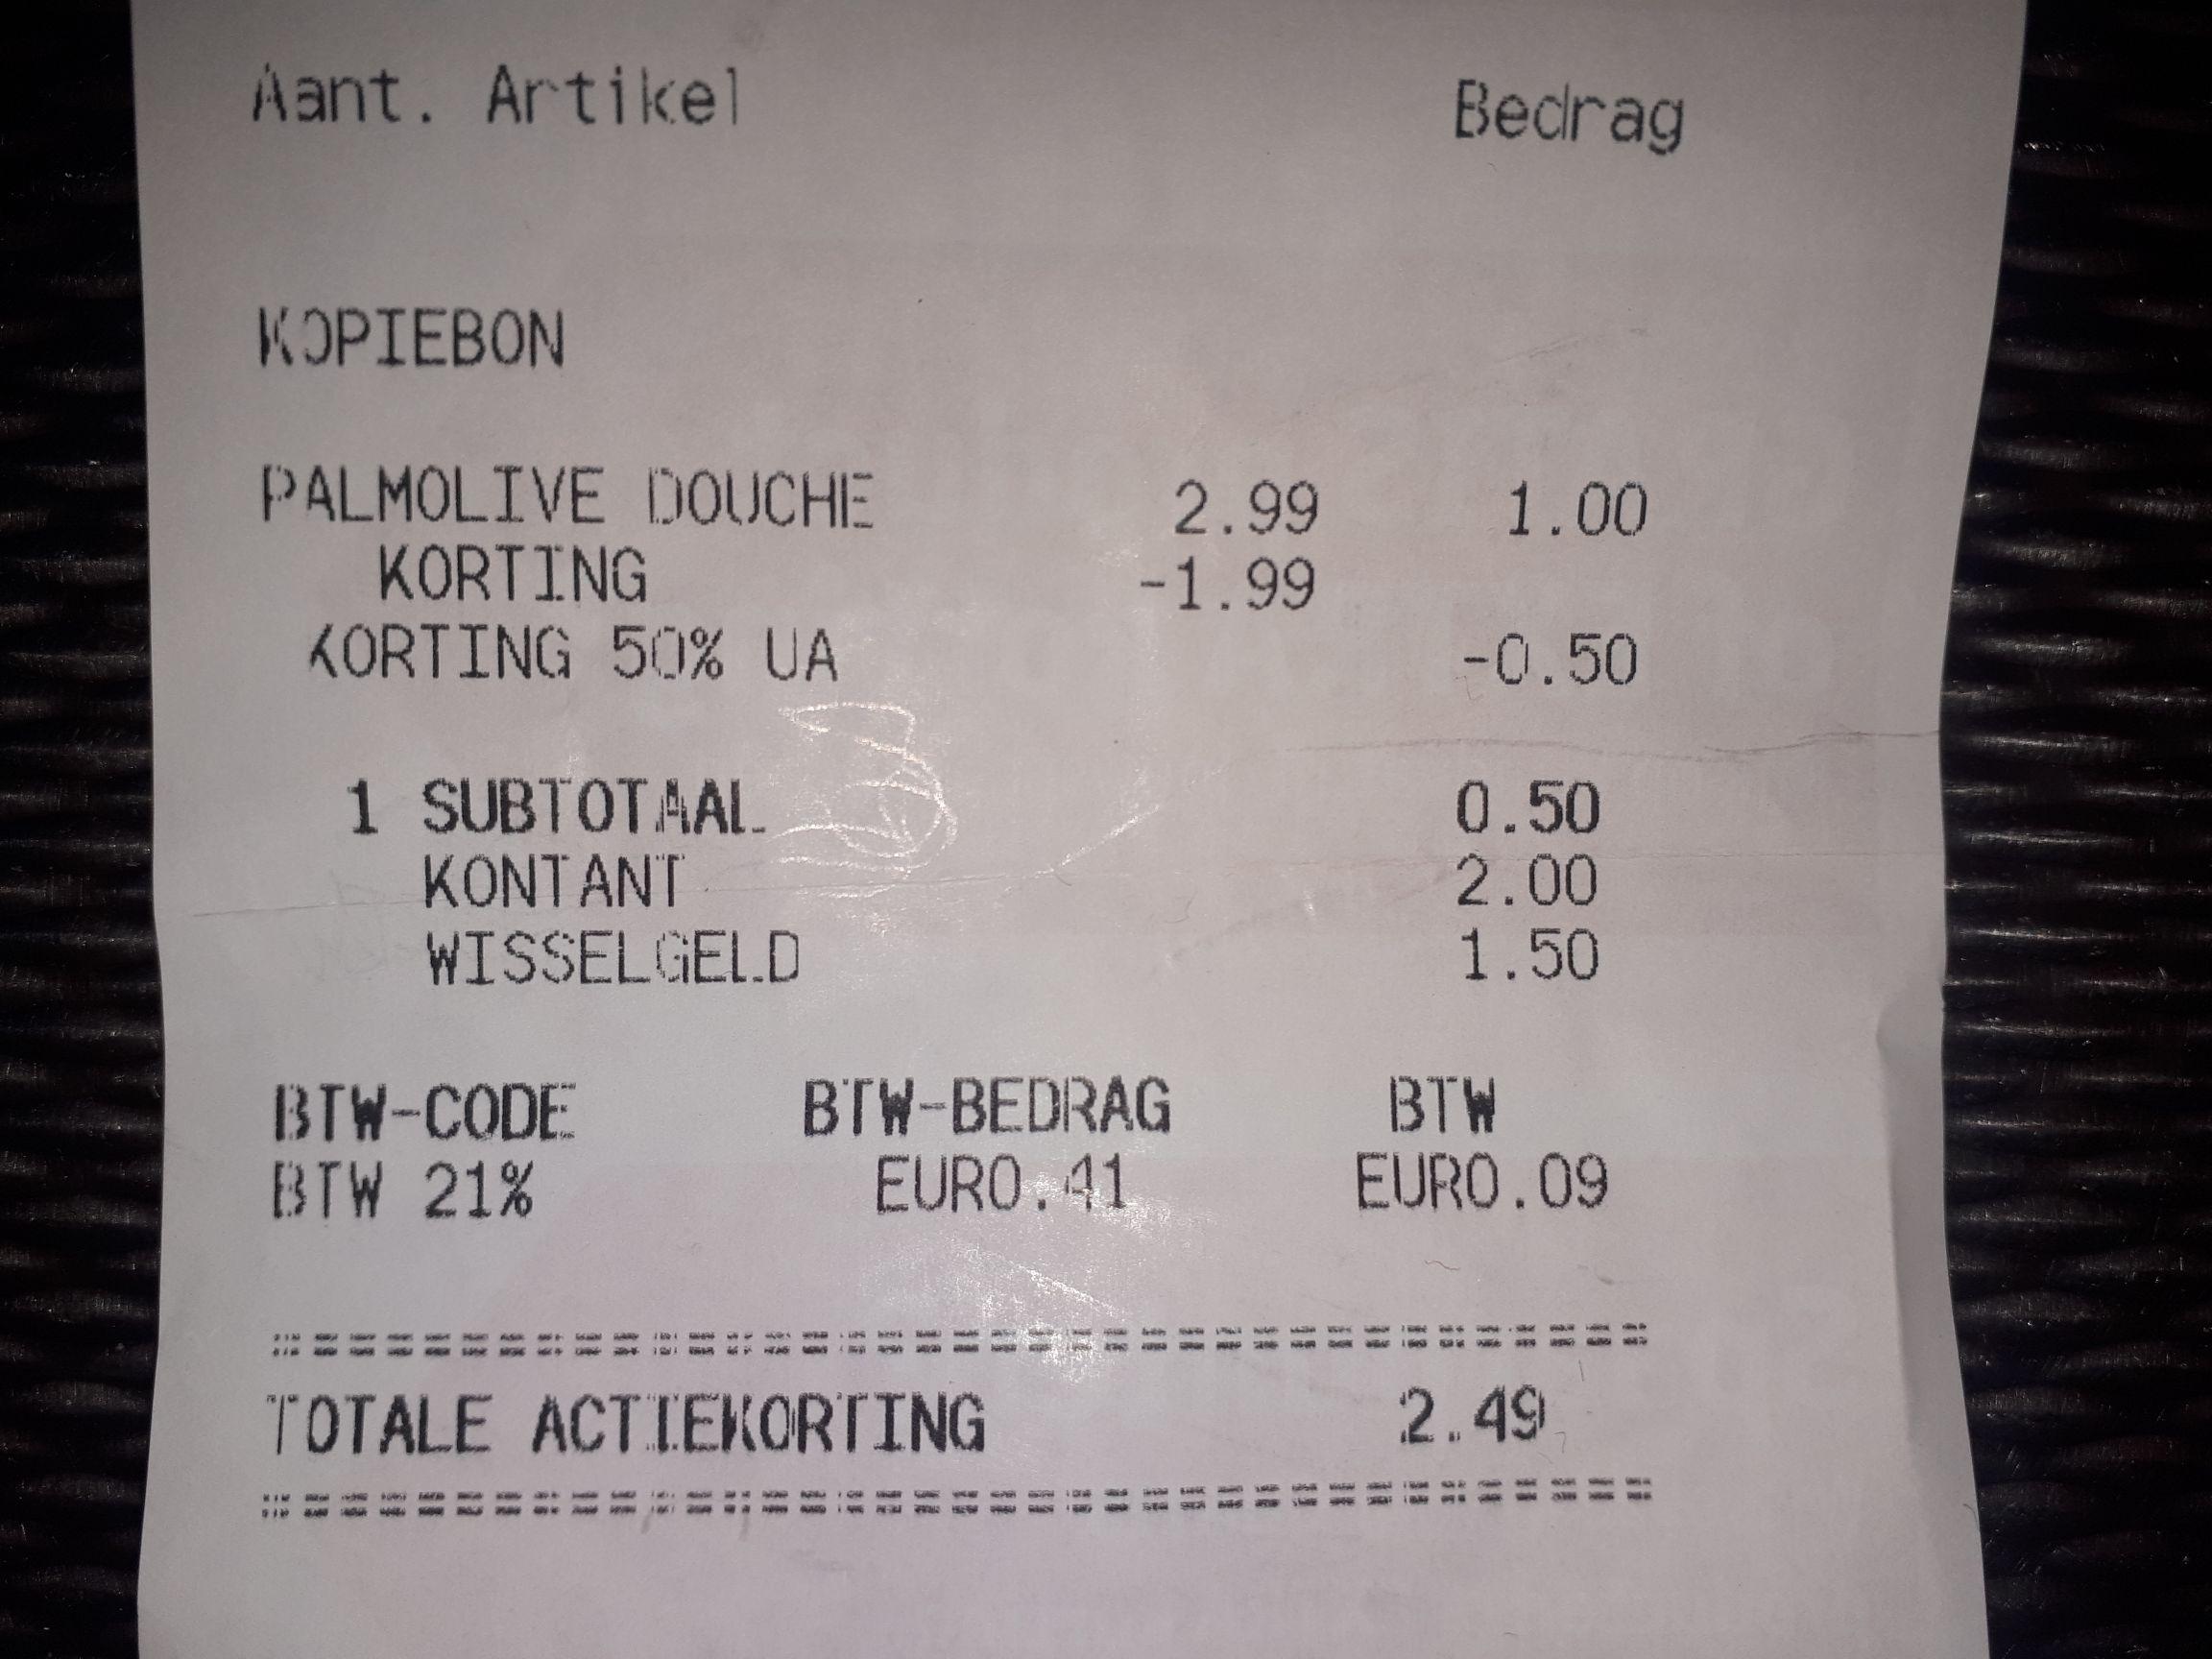 Palmolive Amandel & Melk voor €0,50 bij Kruidvat